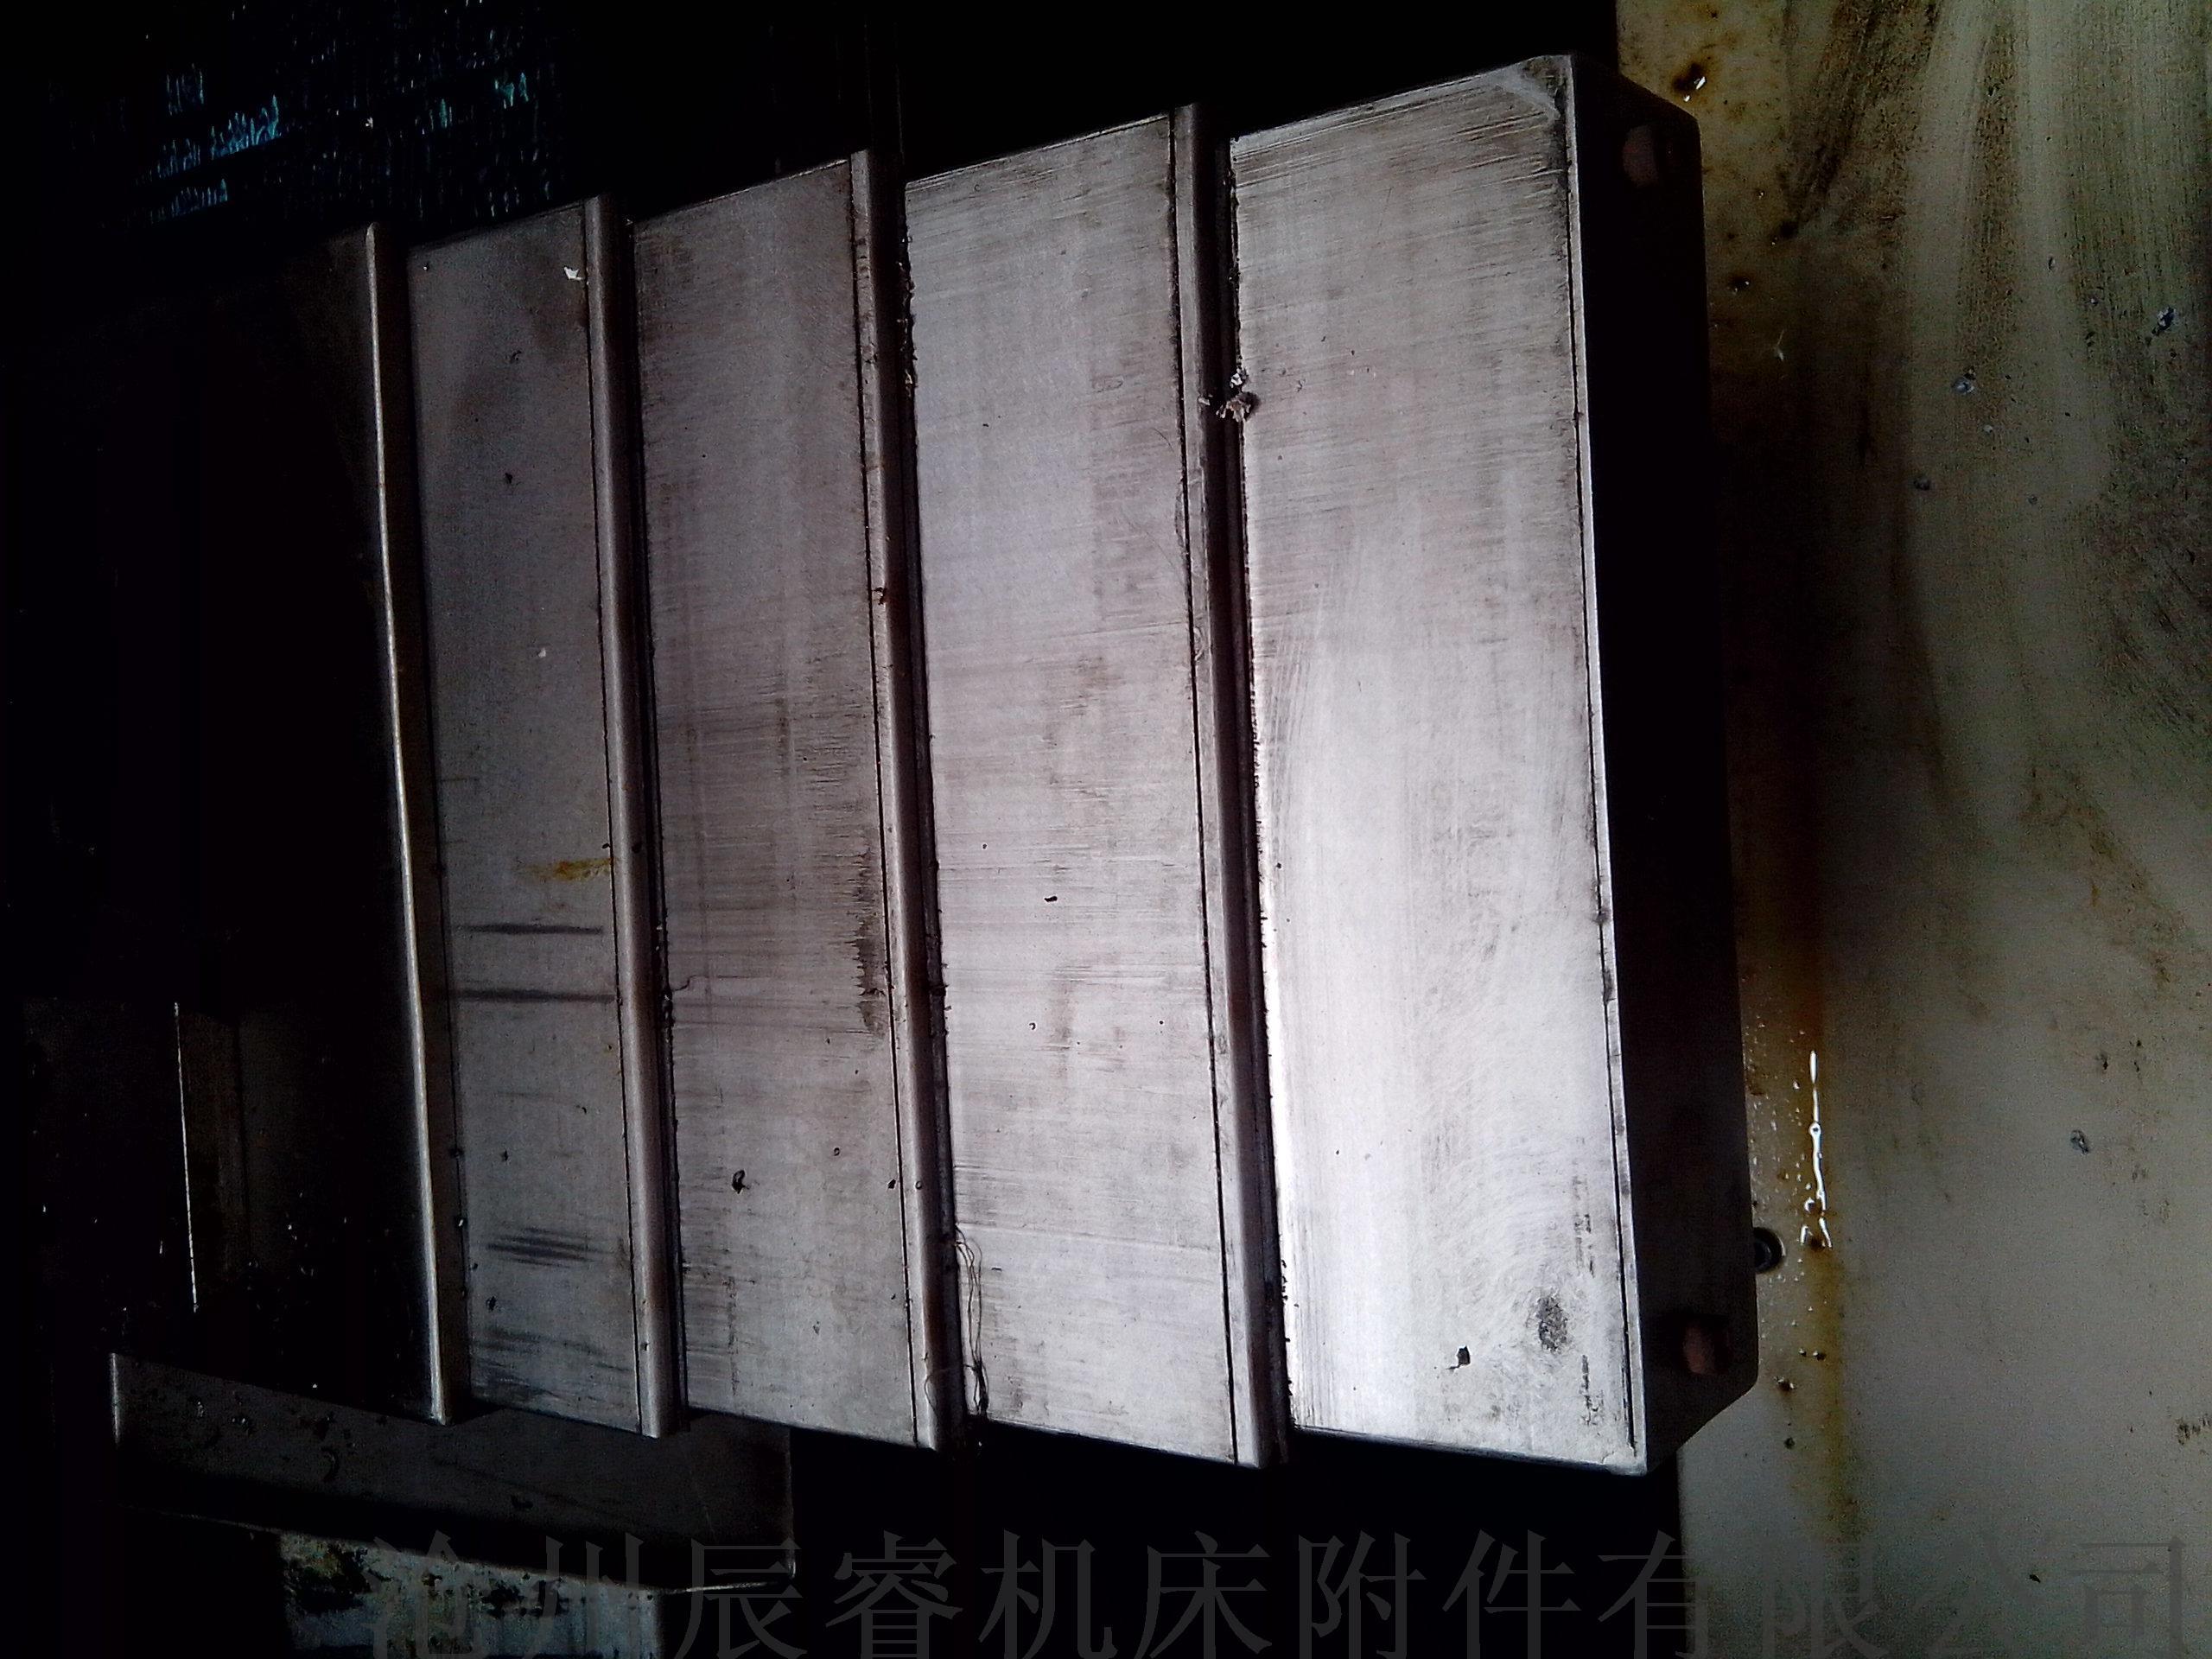 数控机床导轨钢制防护罩 沧州嵘实钢制防护罩827045625